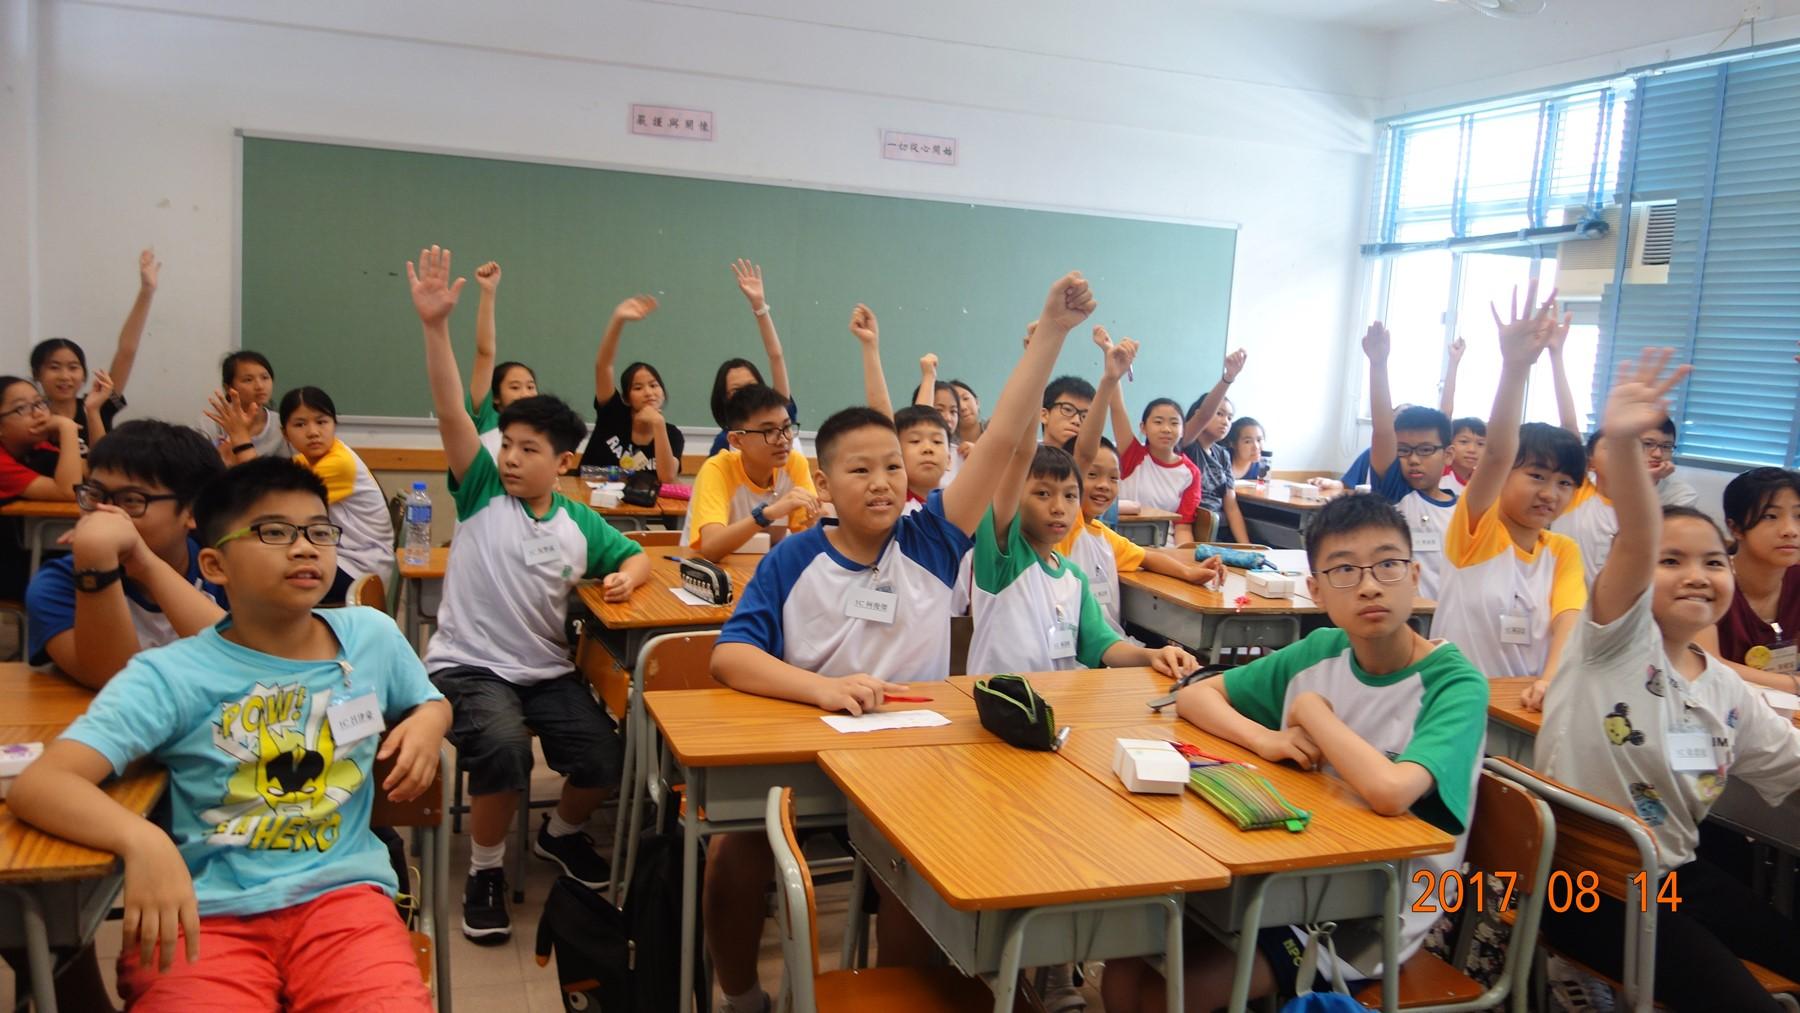 http://www.npc.edu.hk/sites/default/files/1c_wen_gu_zhi_xin_20170814_02.jpg